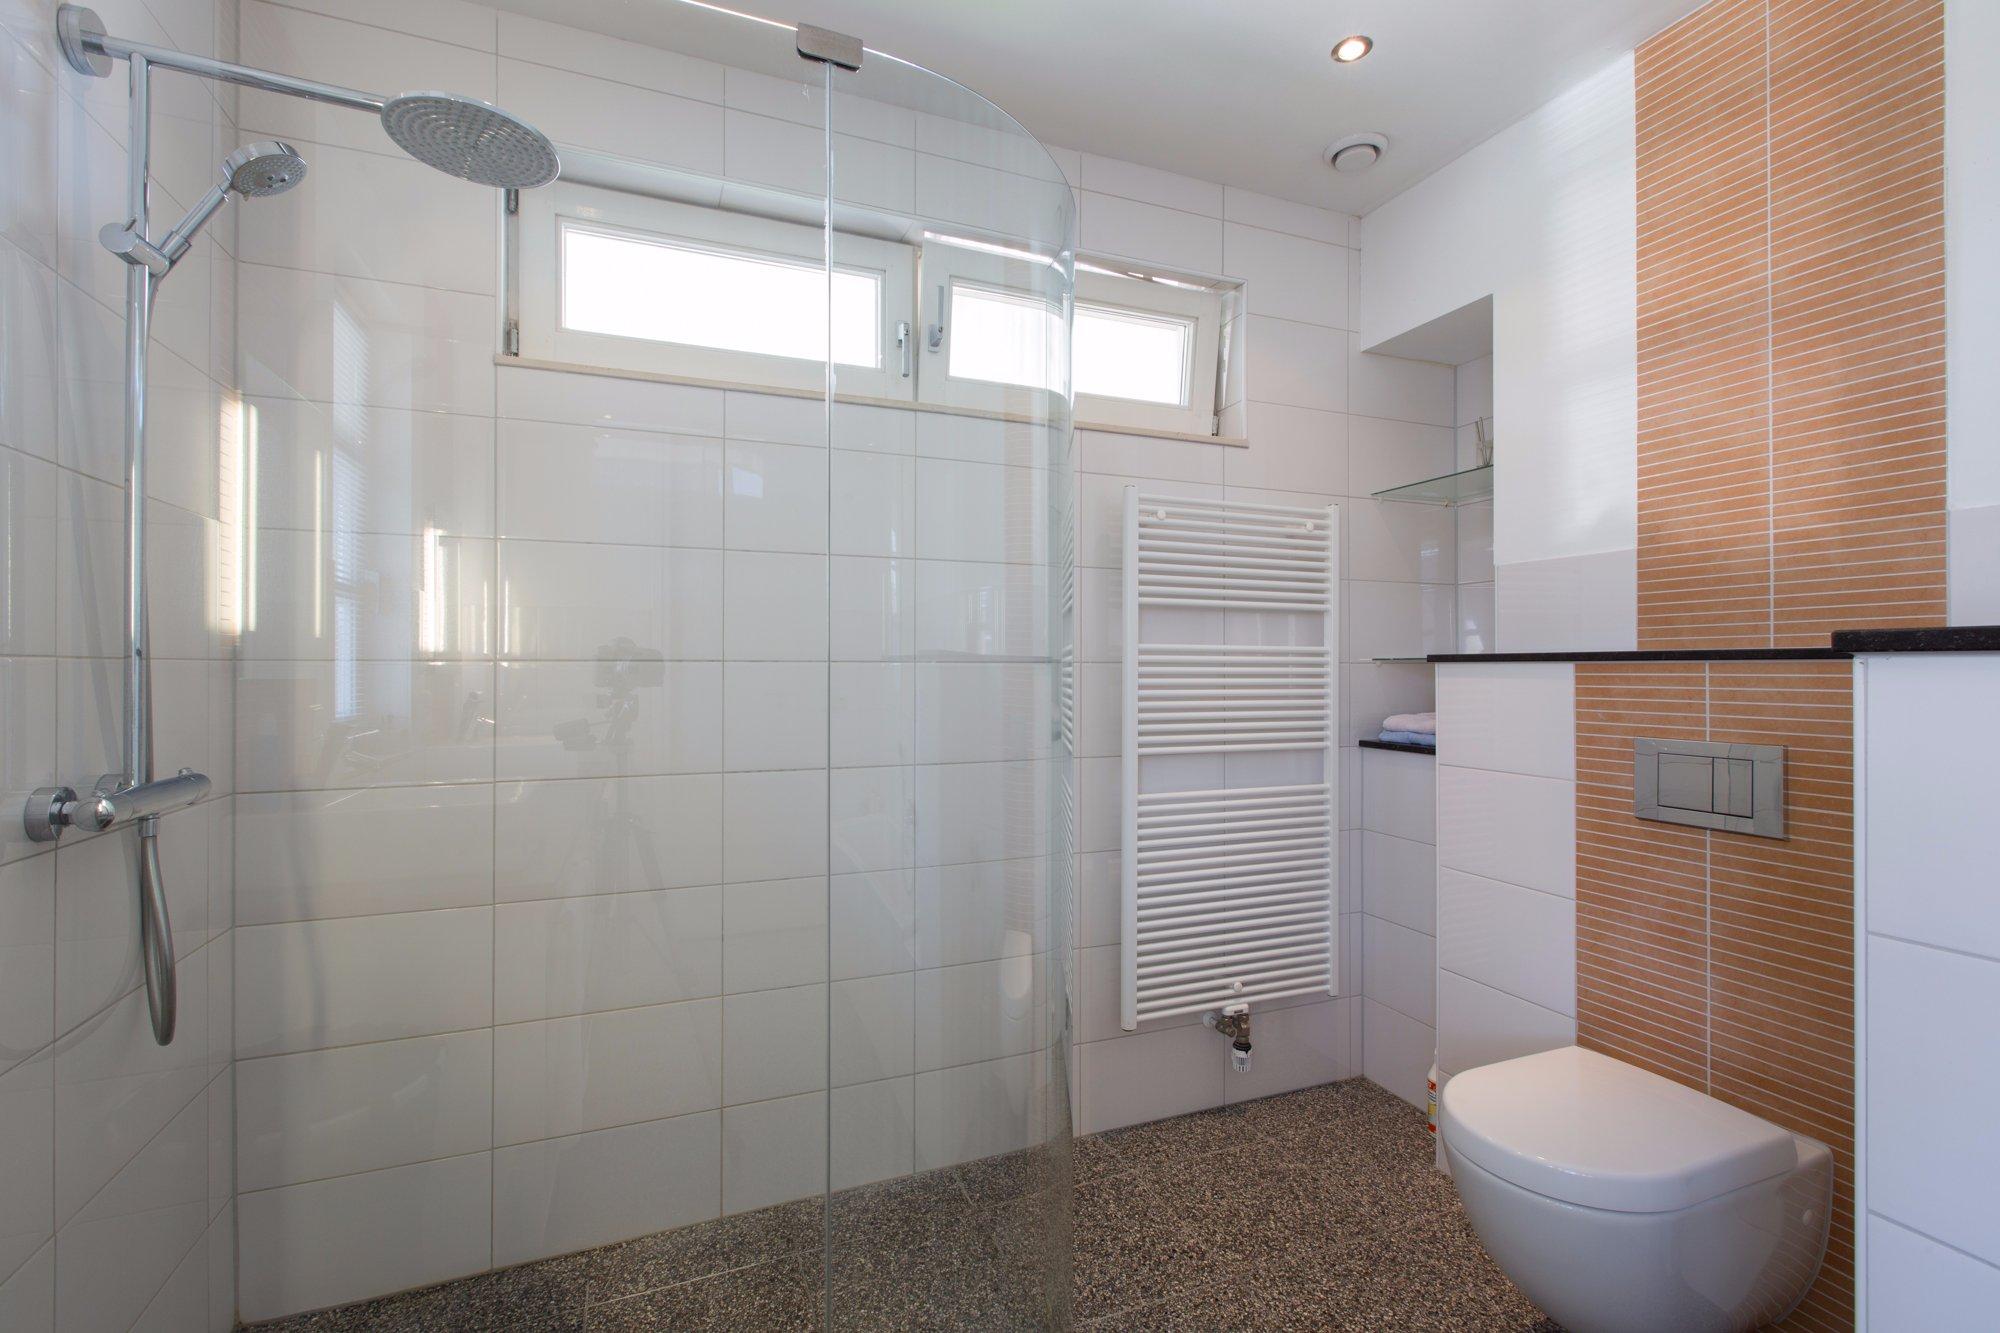 Beton Stucwerk Badkamer : Badkamer het aanbrengen van een troffelvloer en stucwerk beton